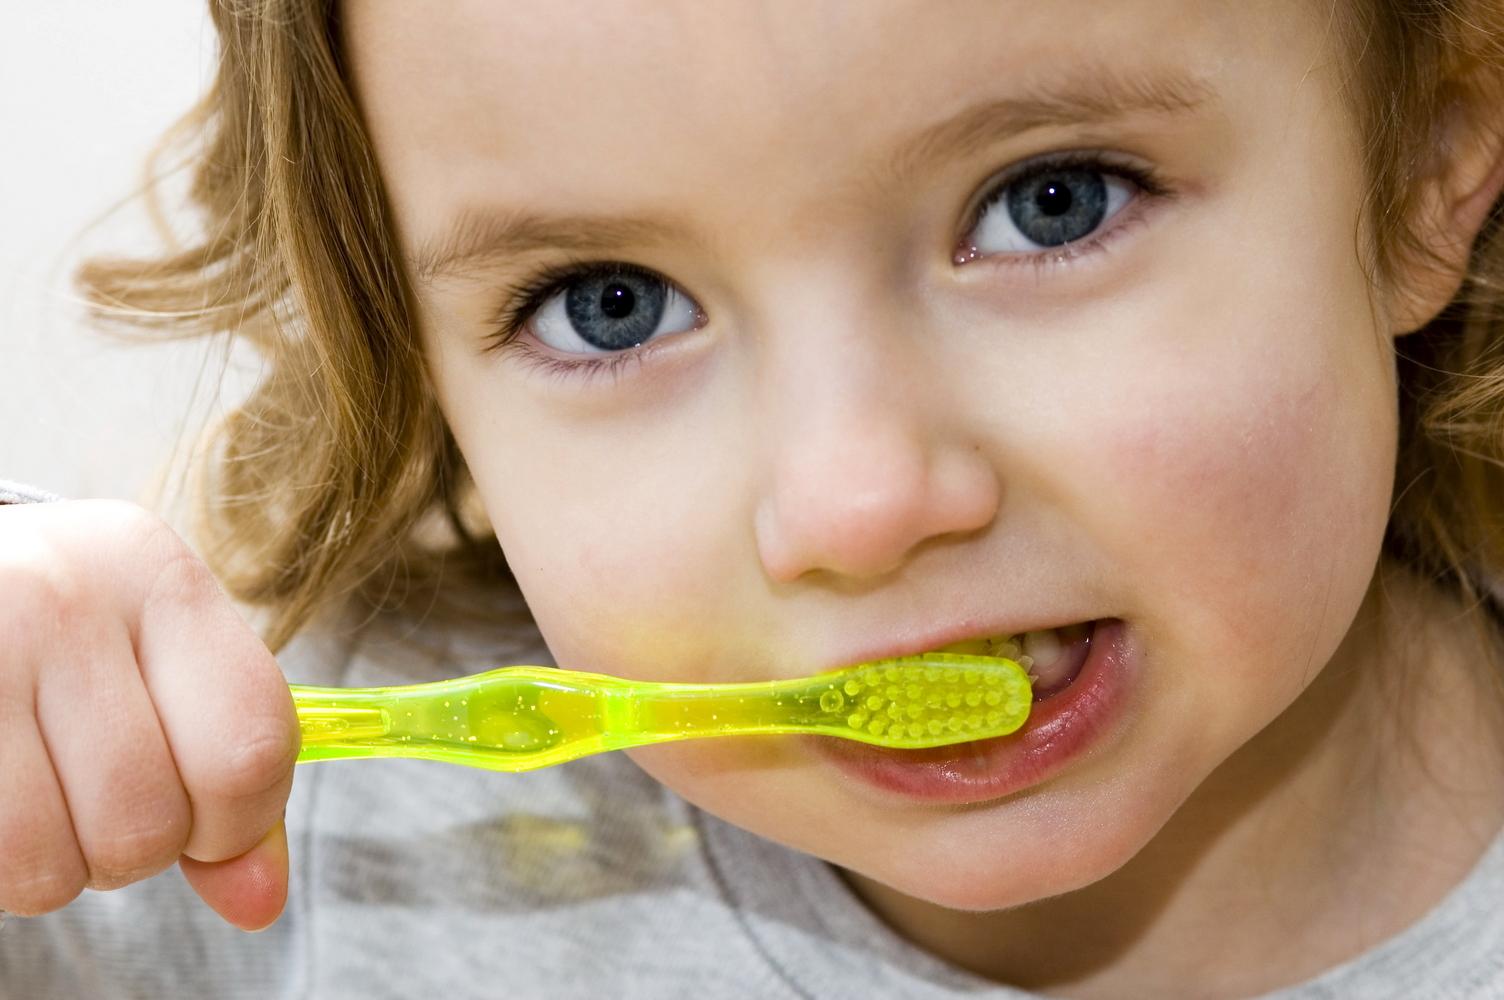 nunca es muy temprano para ensenar medidas de higiene bucal